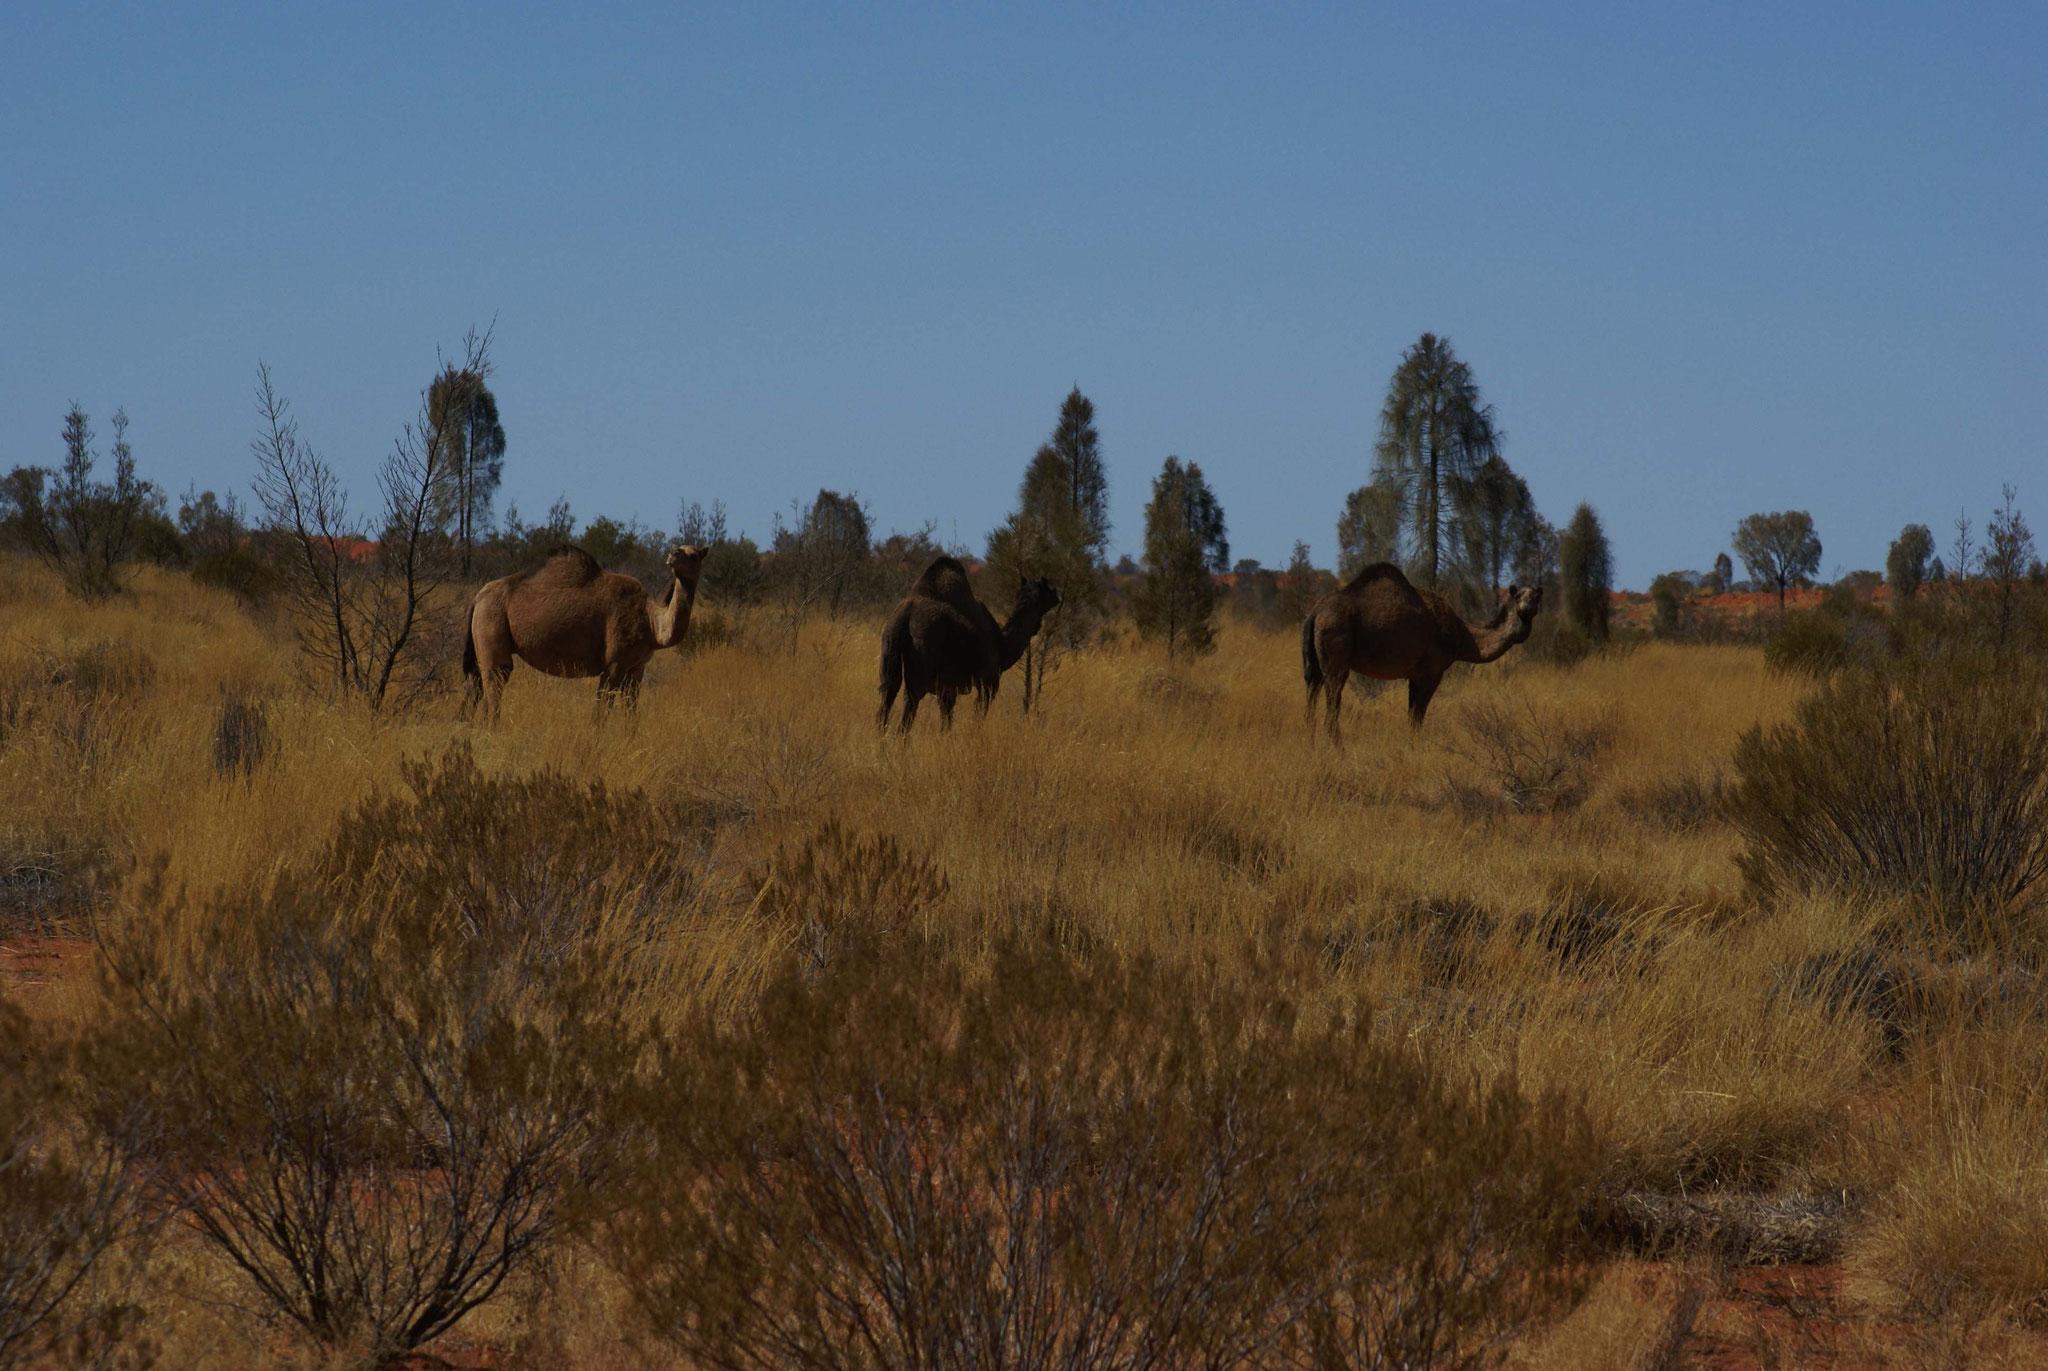 Kamele sind eine Landplage